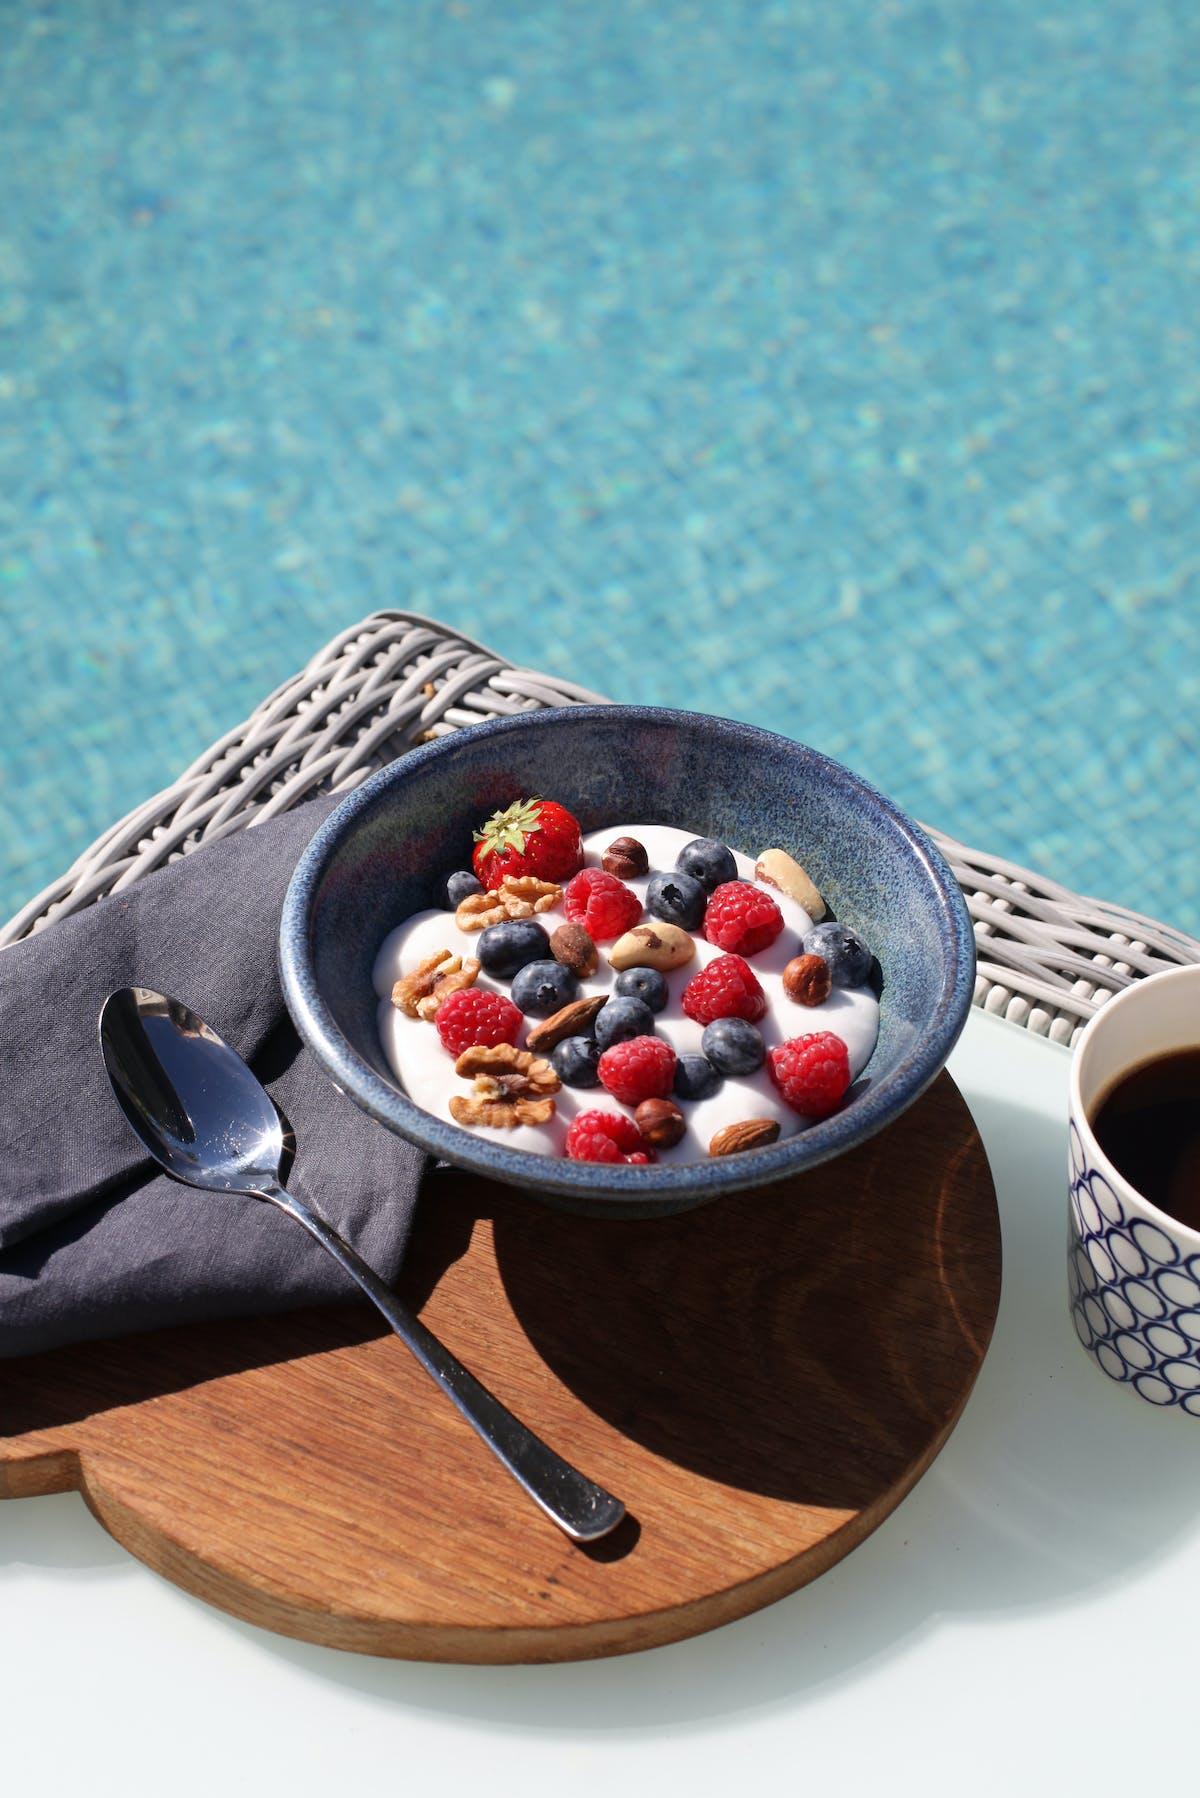 Low-carb coconut Instant Pot yogurt